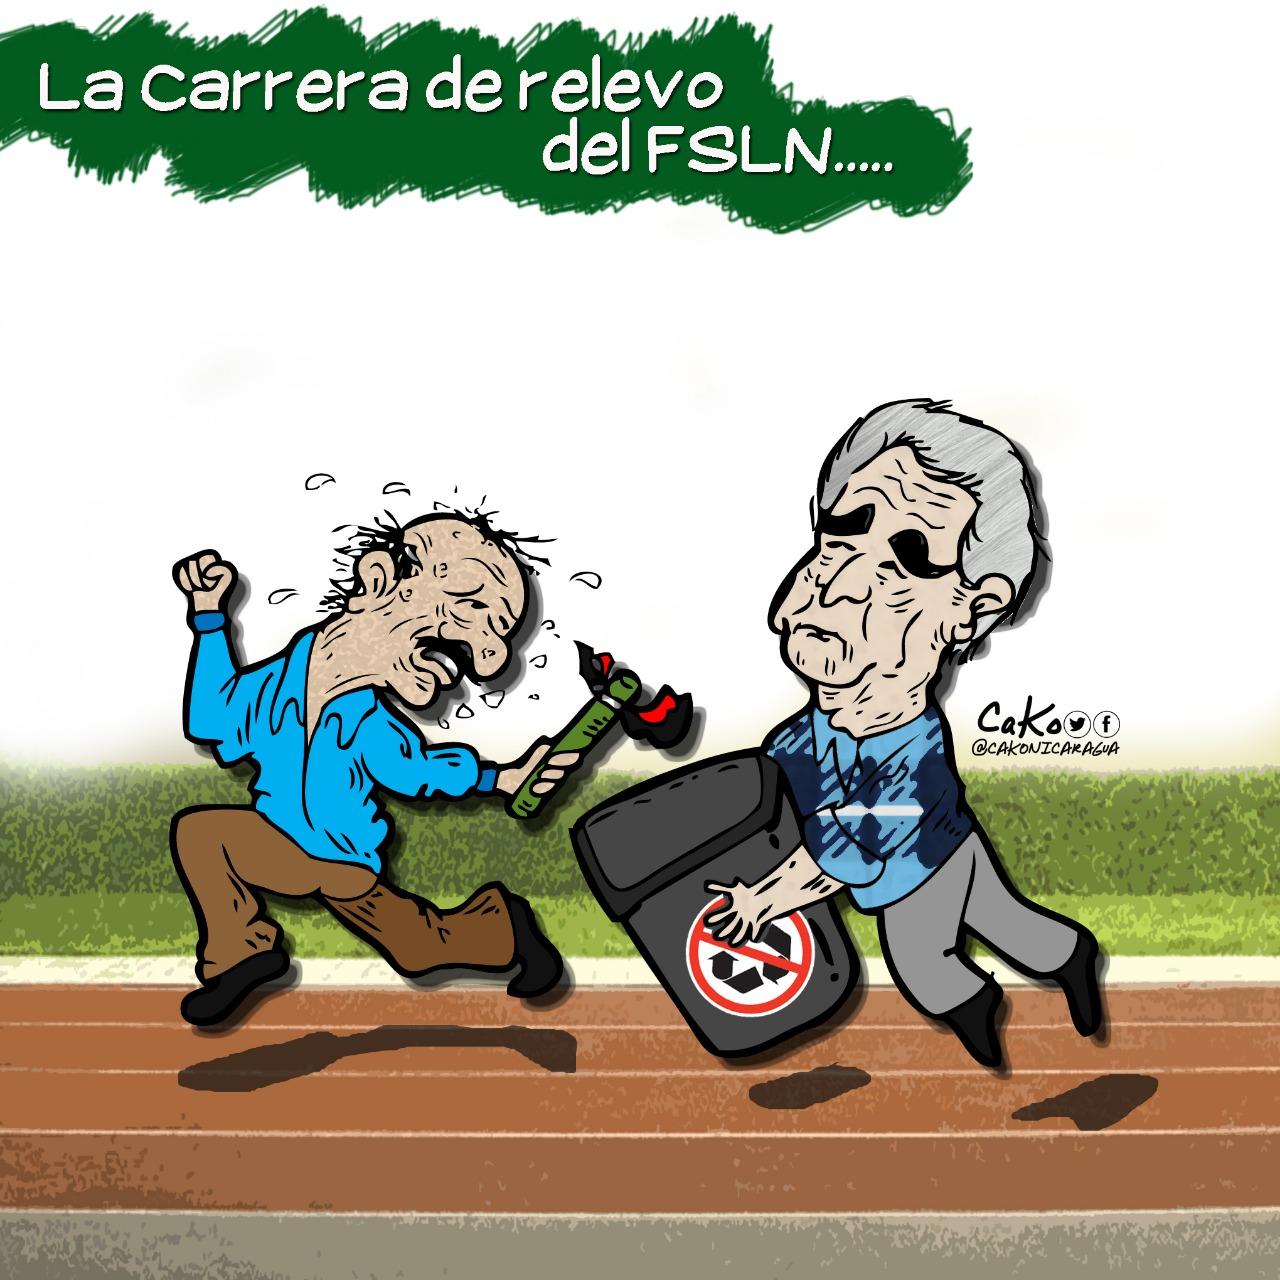 La Caricatura: La carrera de relevo del FSLN